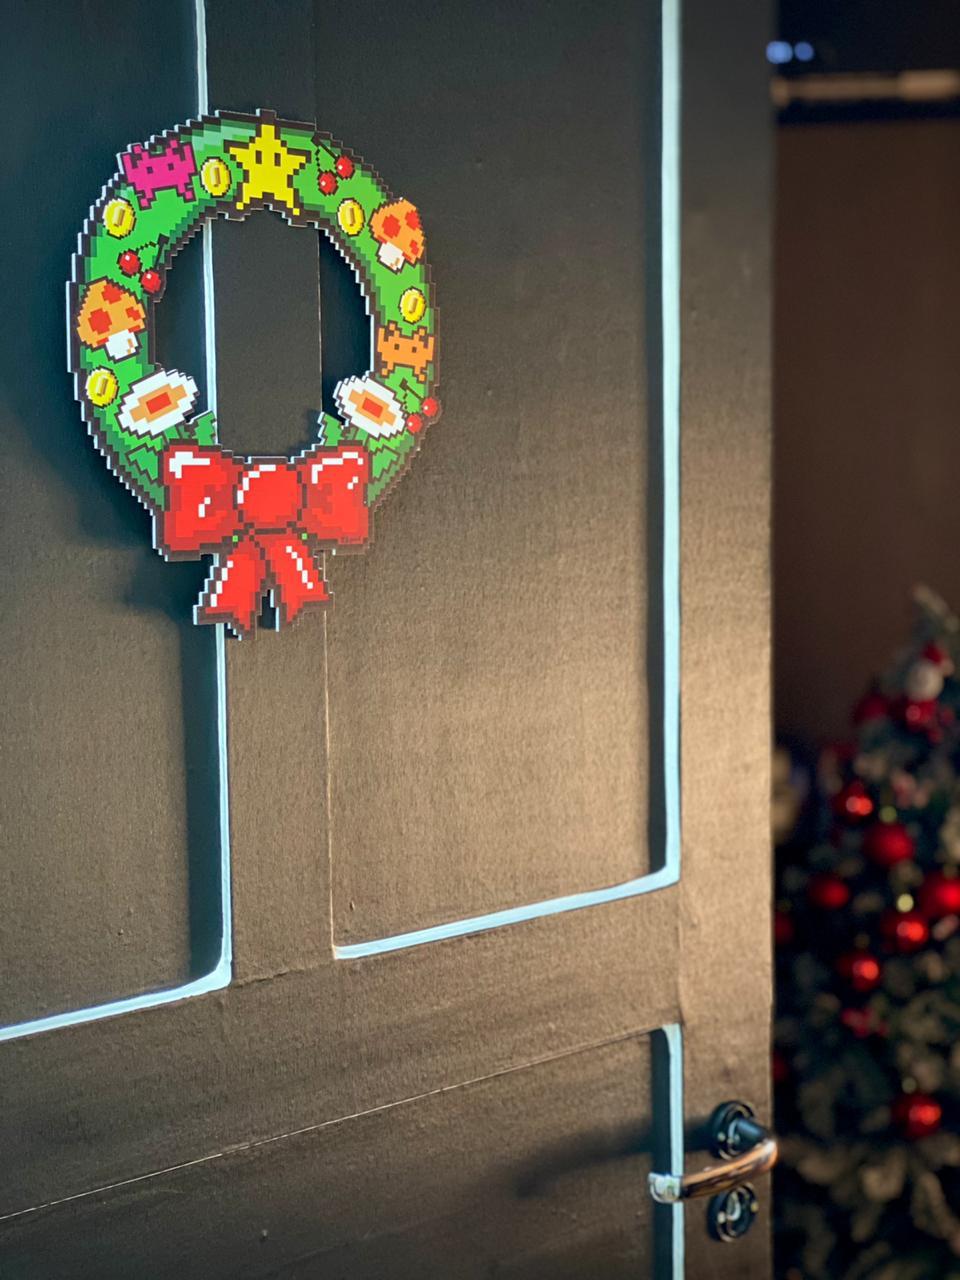 Enfeite Árvore de Natal Geek Itens Retro